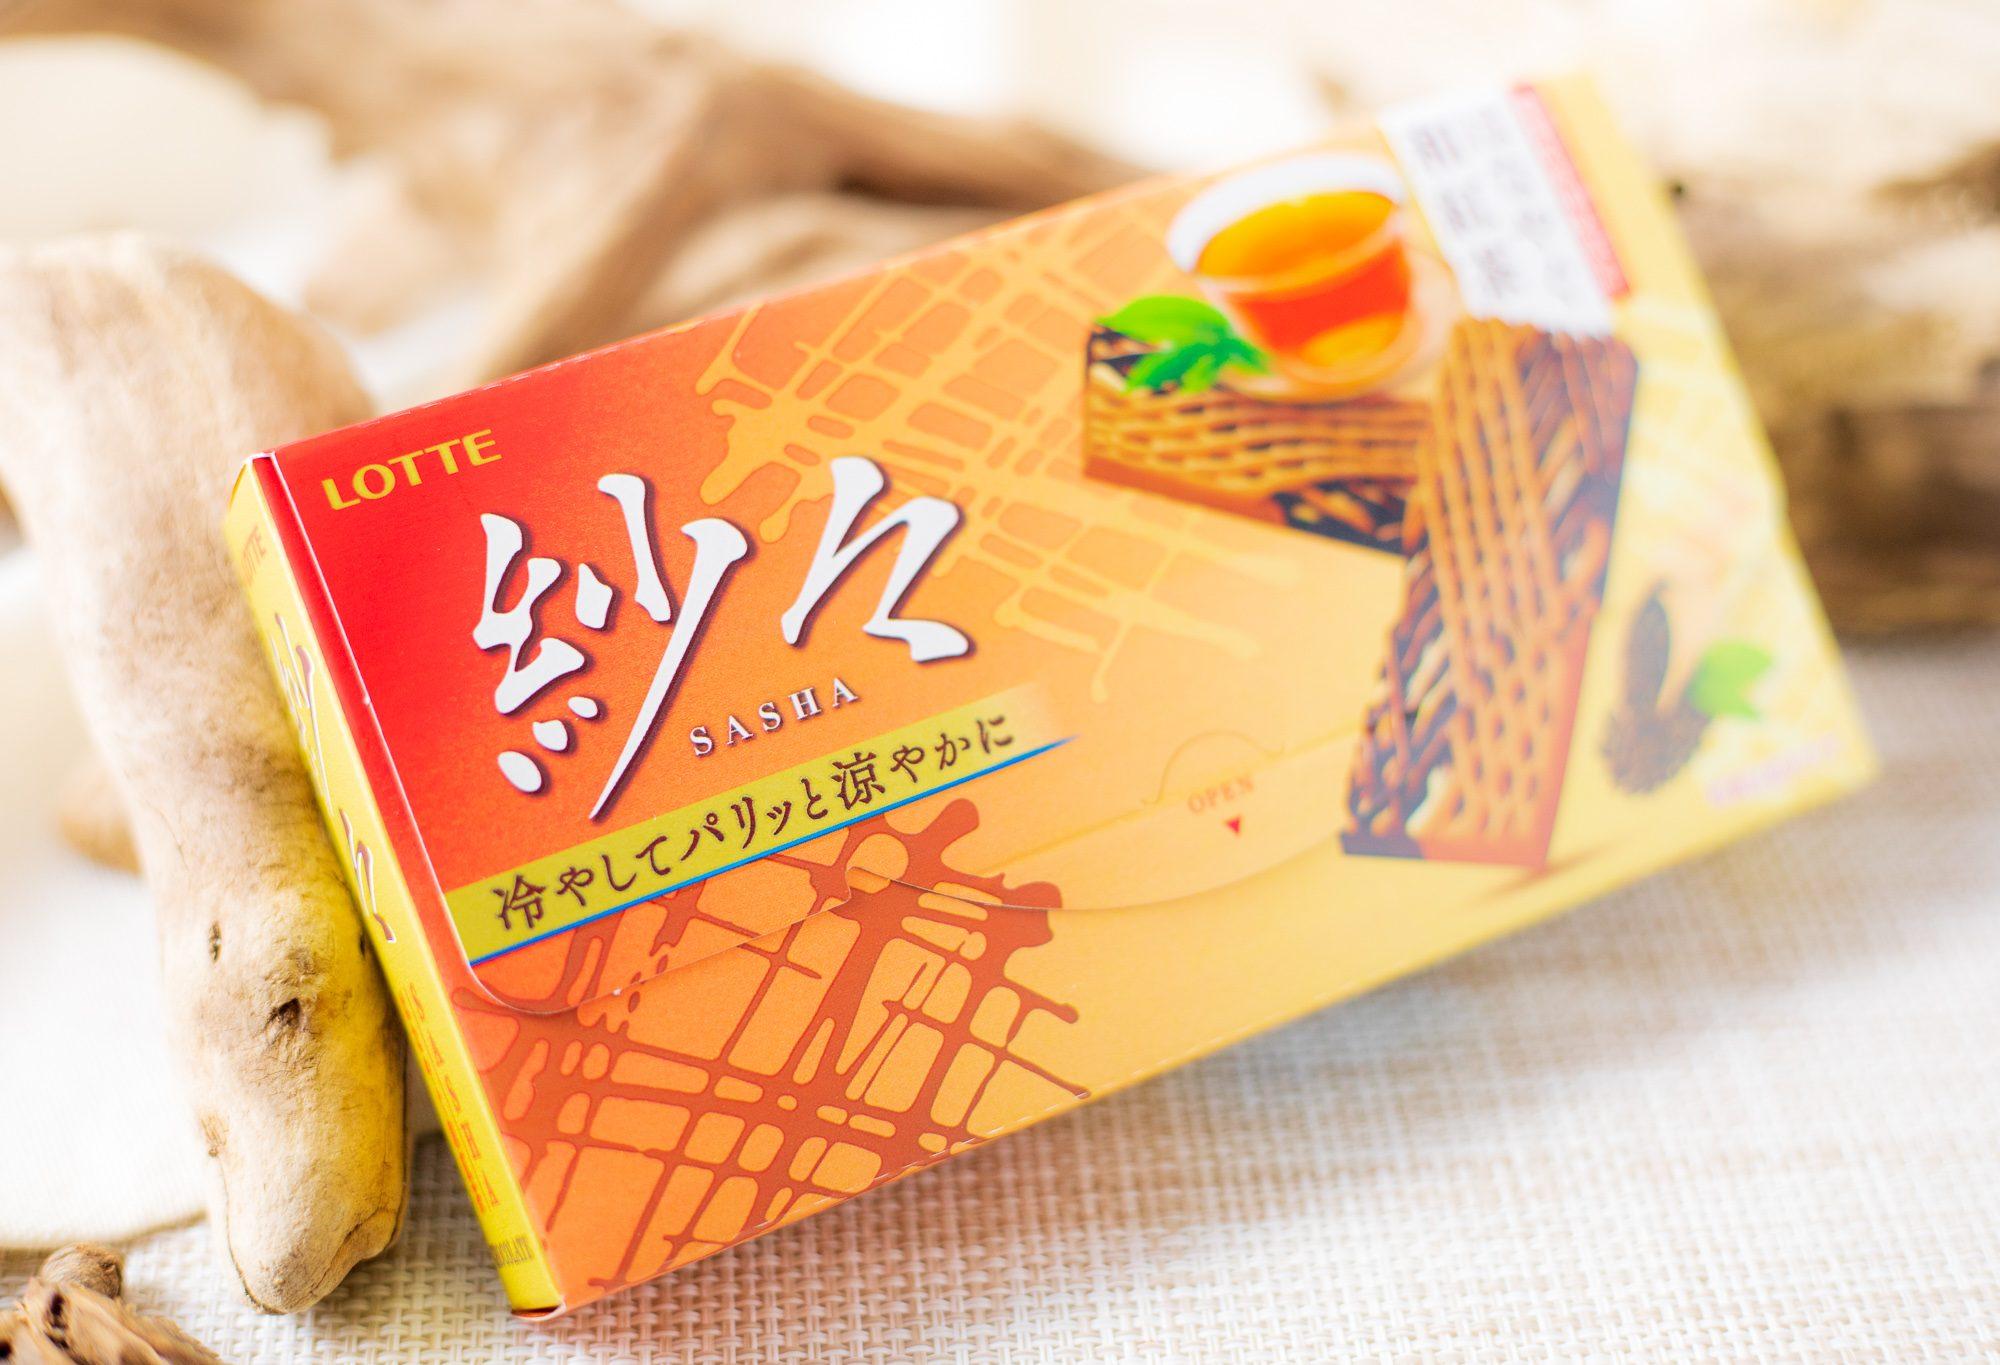 ロッテ『紗々<はなやぐ和紅茶>』は後からゆったりと香る和紅茶が幸福感◎なホロホロチョコレート!